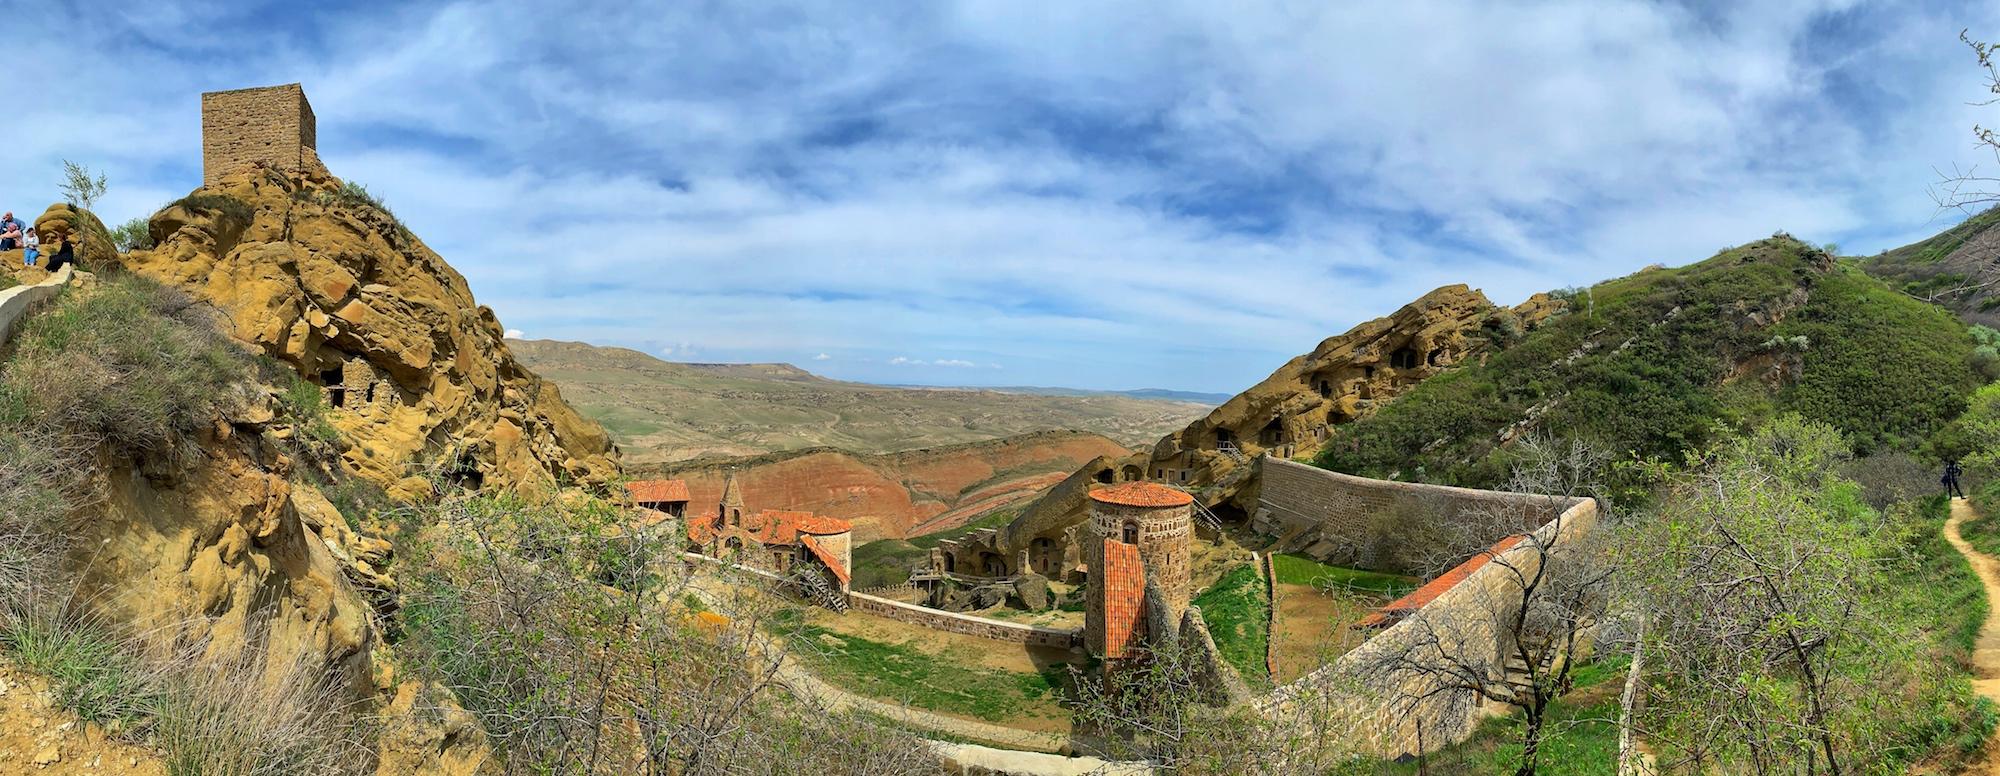 Давид Гареджи монастырь